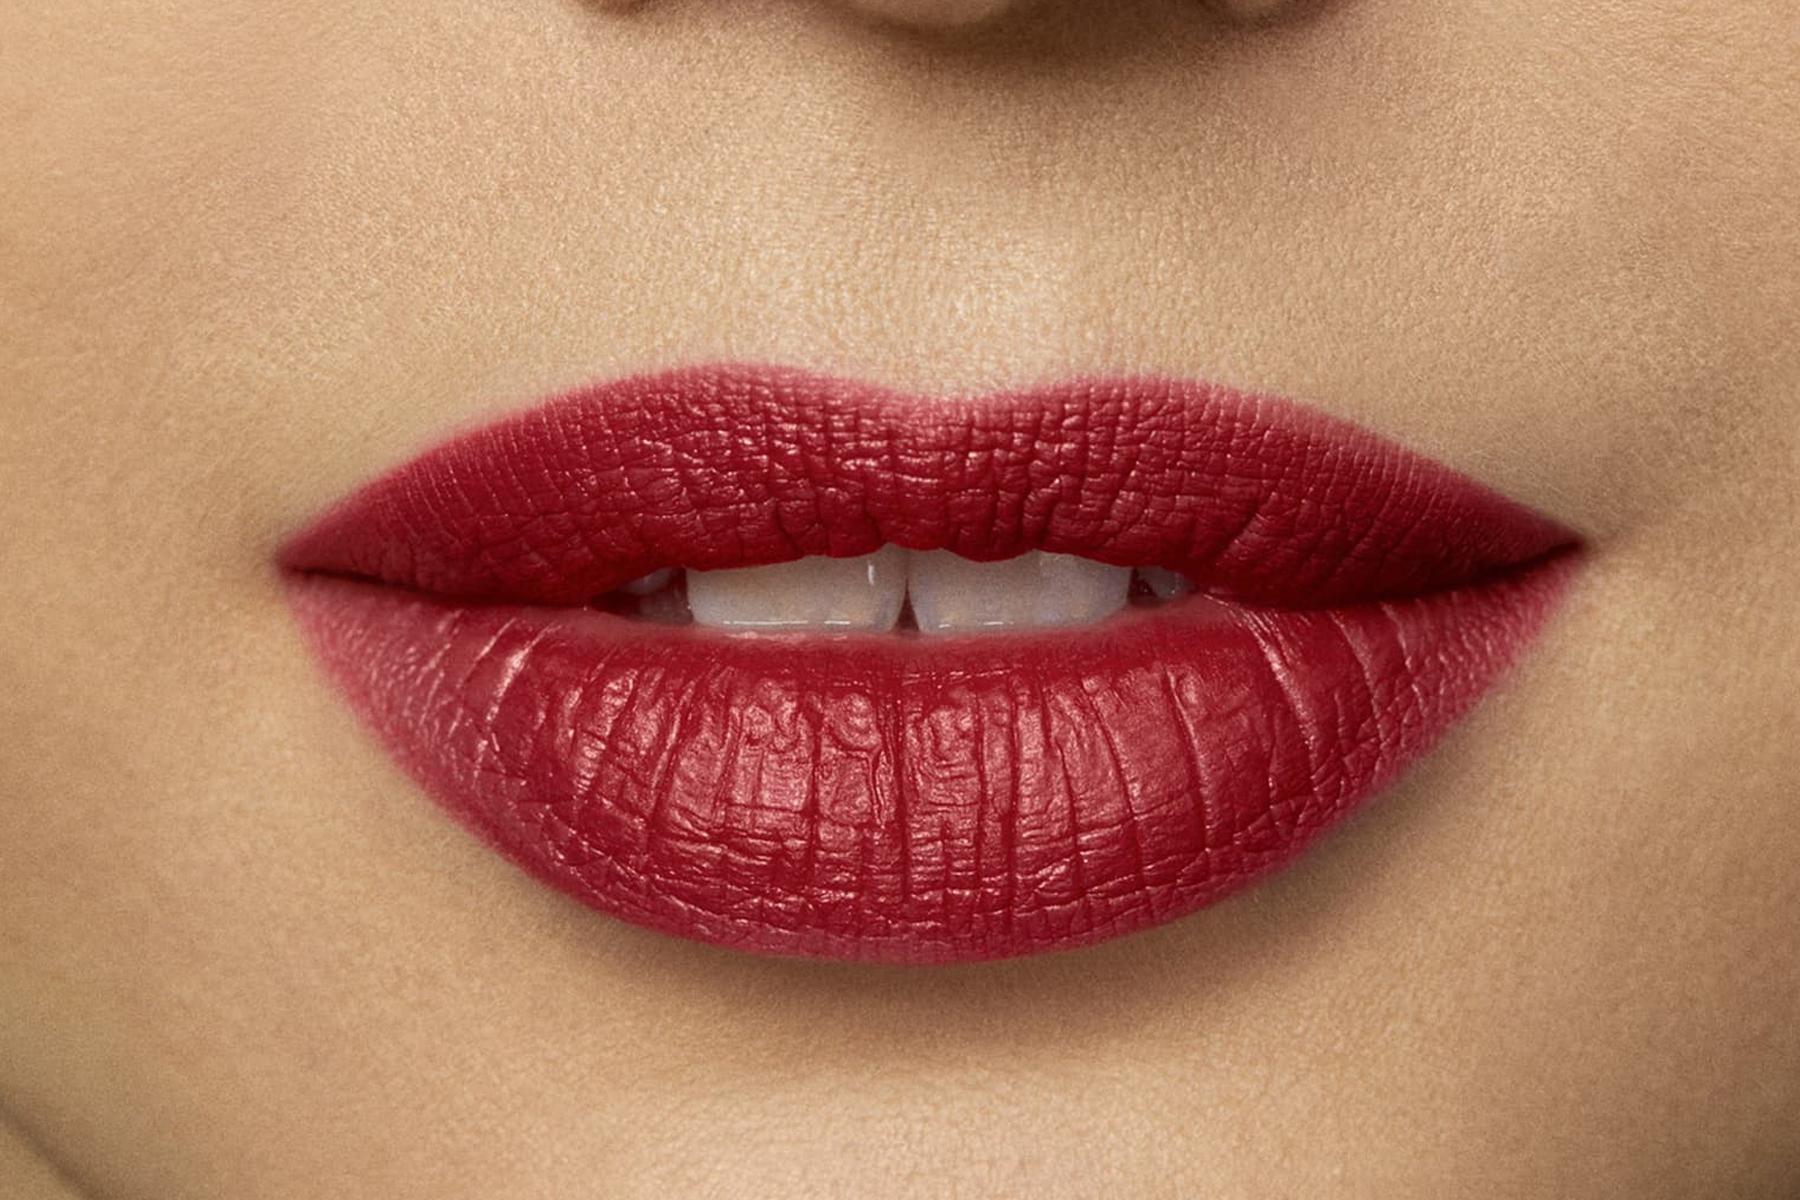 laura-mercier-rouge-essentiel-rouge-eclatant-swatch